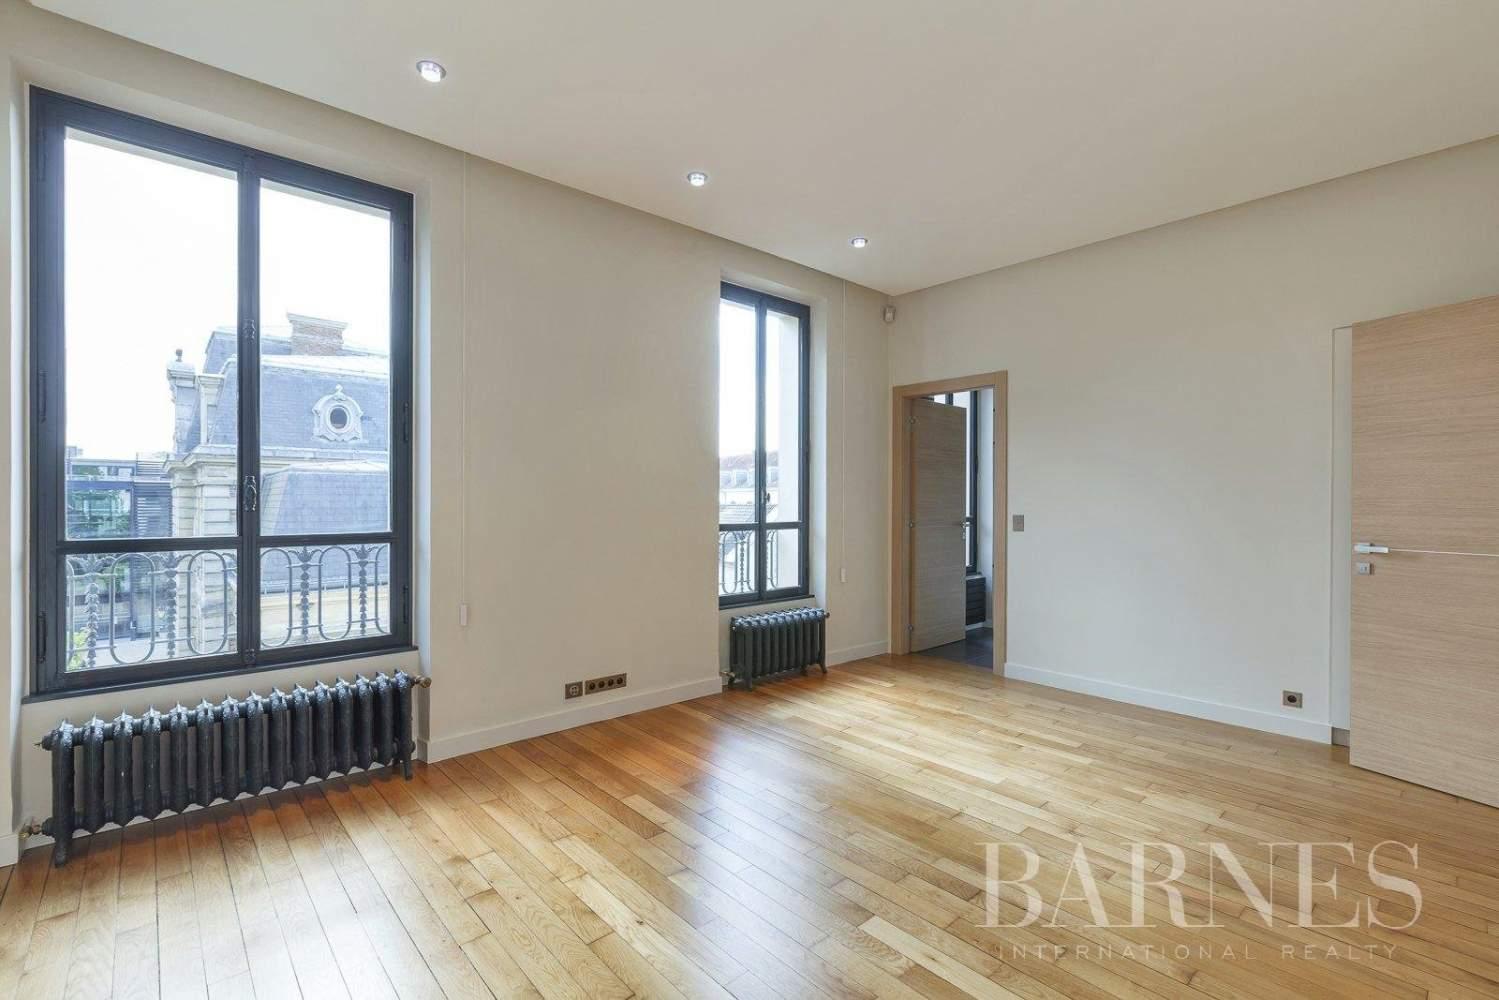 Saint-Germain-en-Laye  - Appartement 8 Pièces 6 Chambres - picture 19